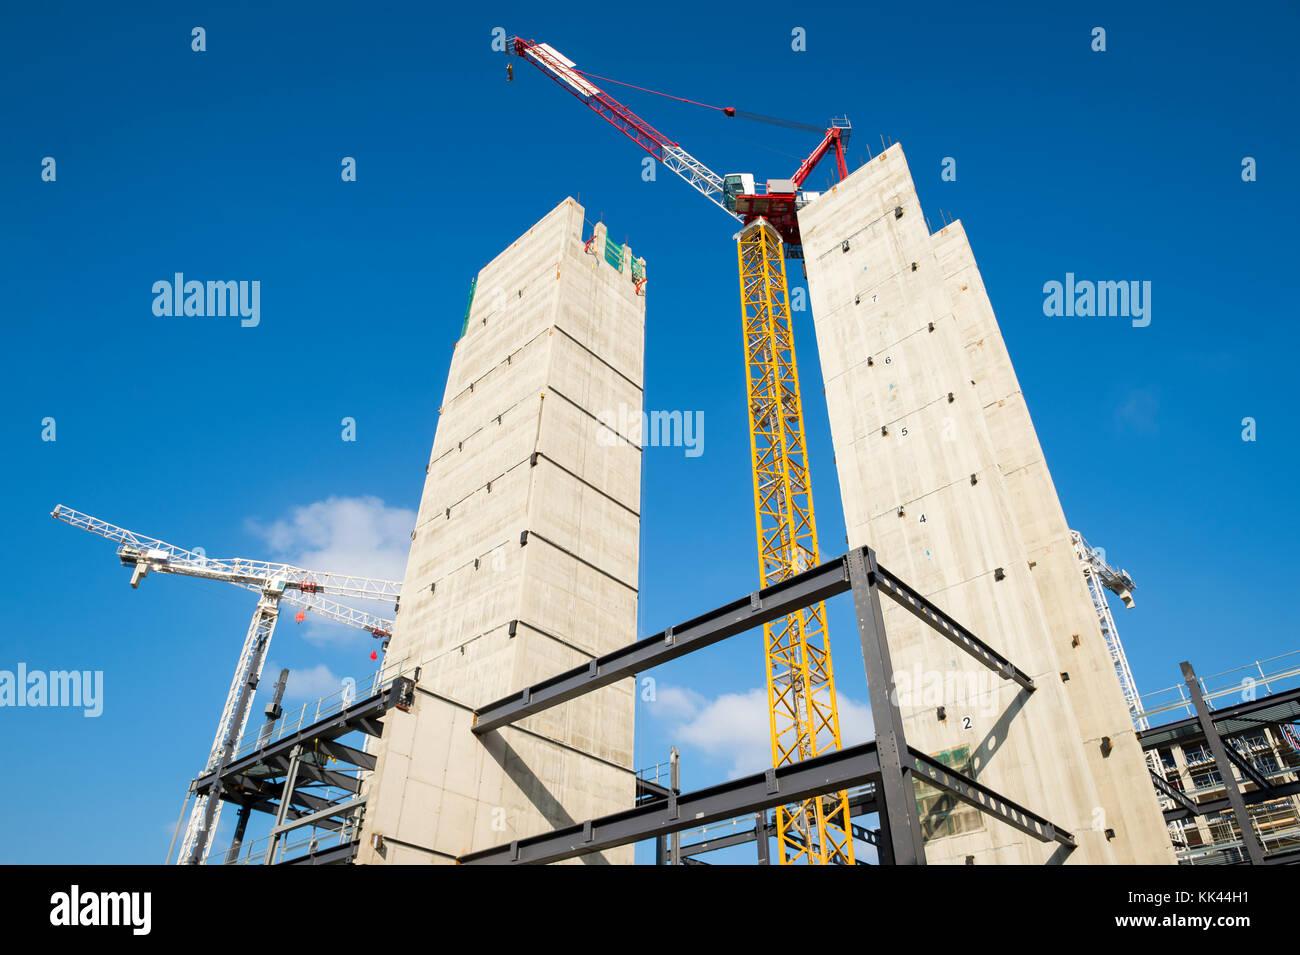 Moderne hi-Türme Baustelle mit Kränen unter strahlend blauem Himmel Stockbild